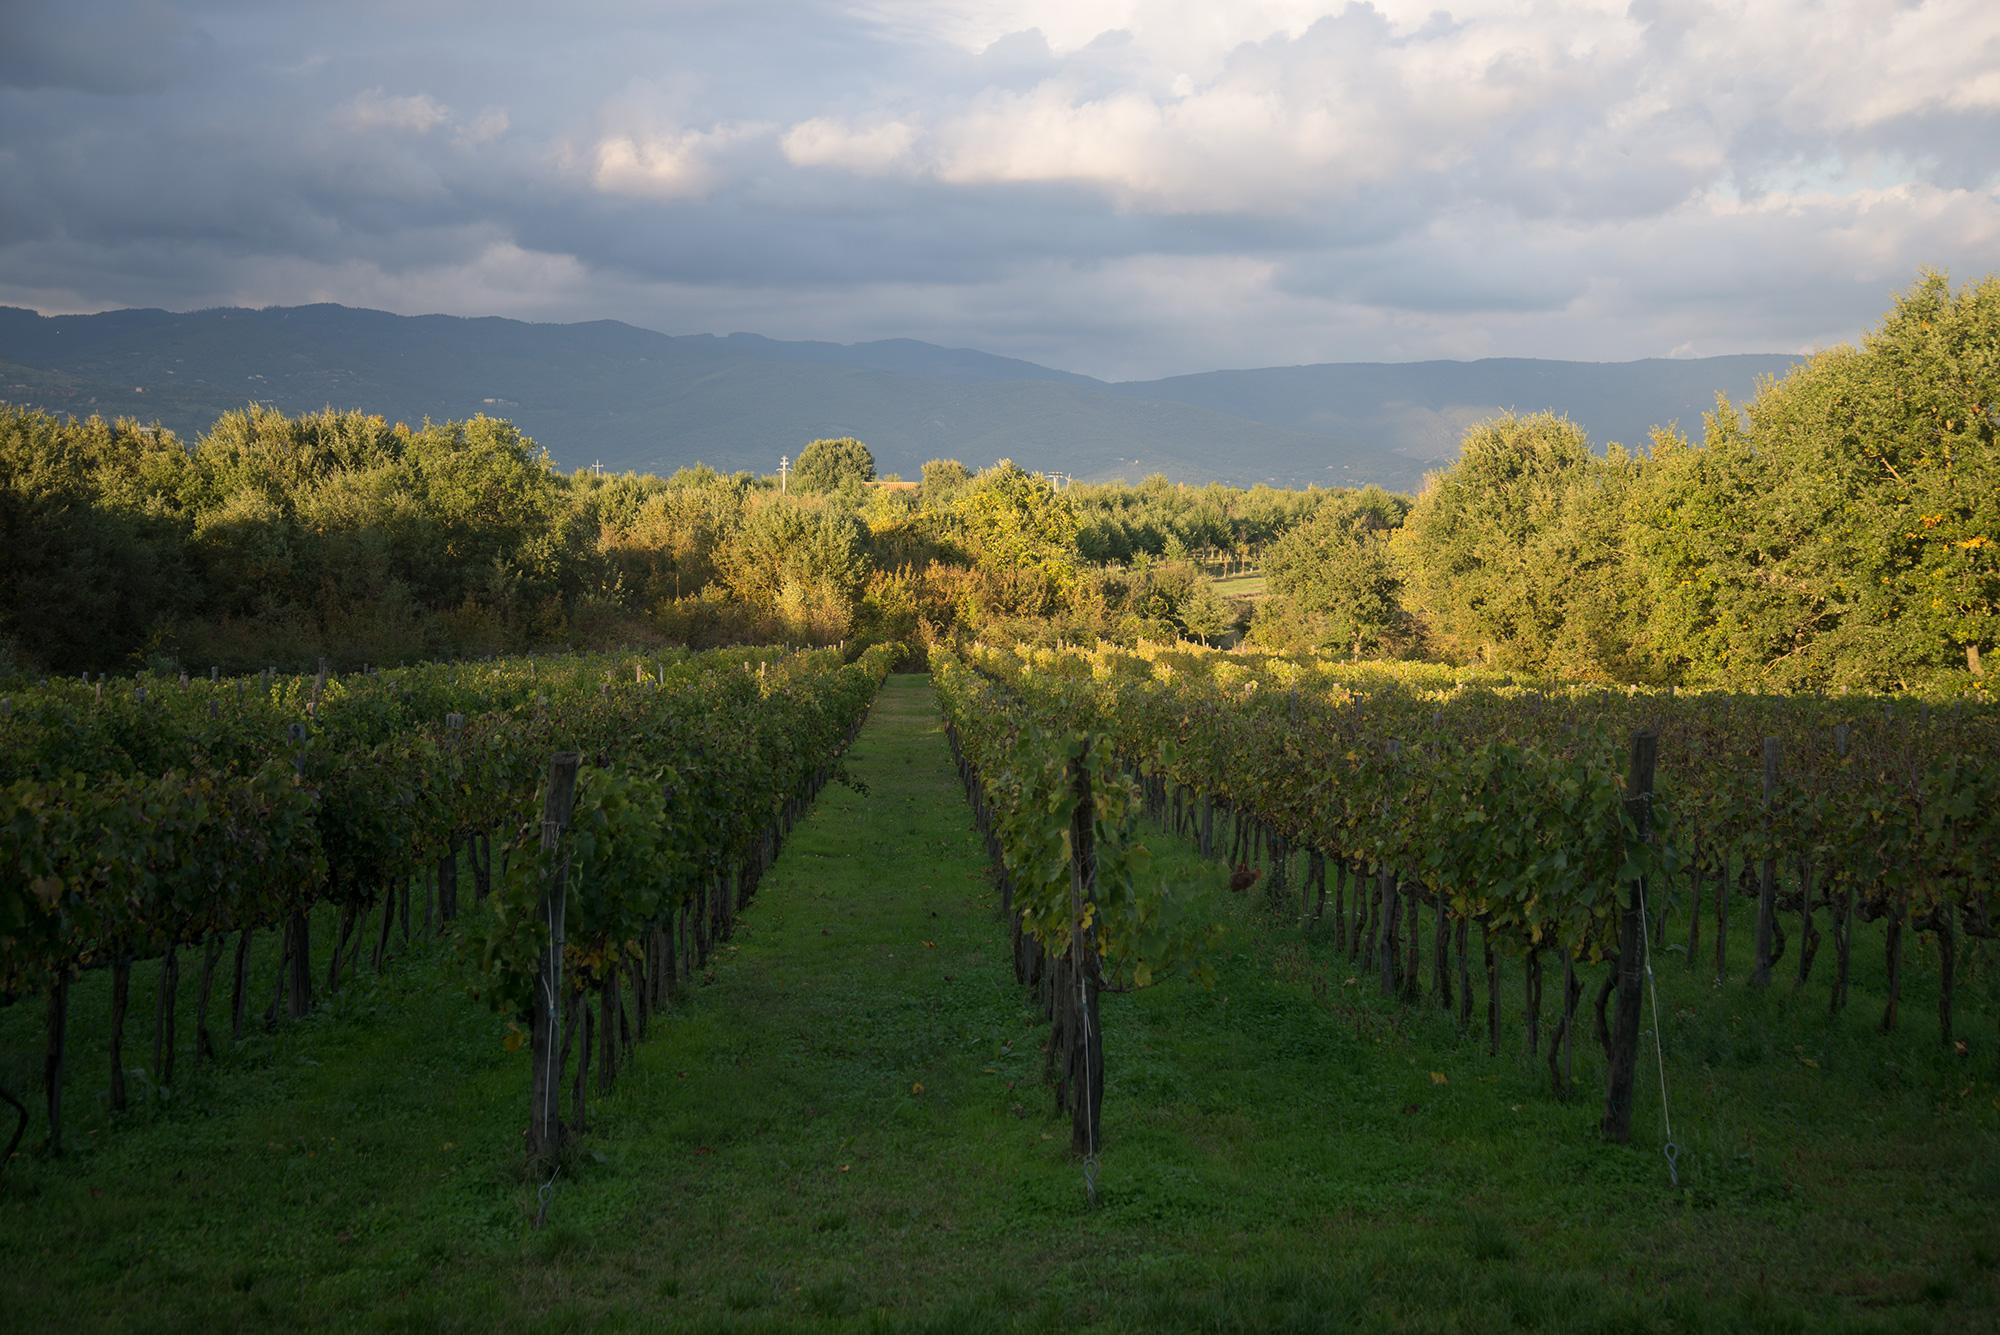 wijngaard-19-oktober-2016